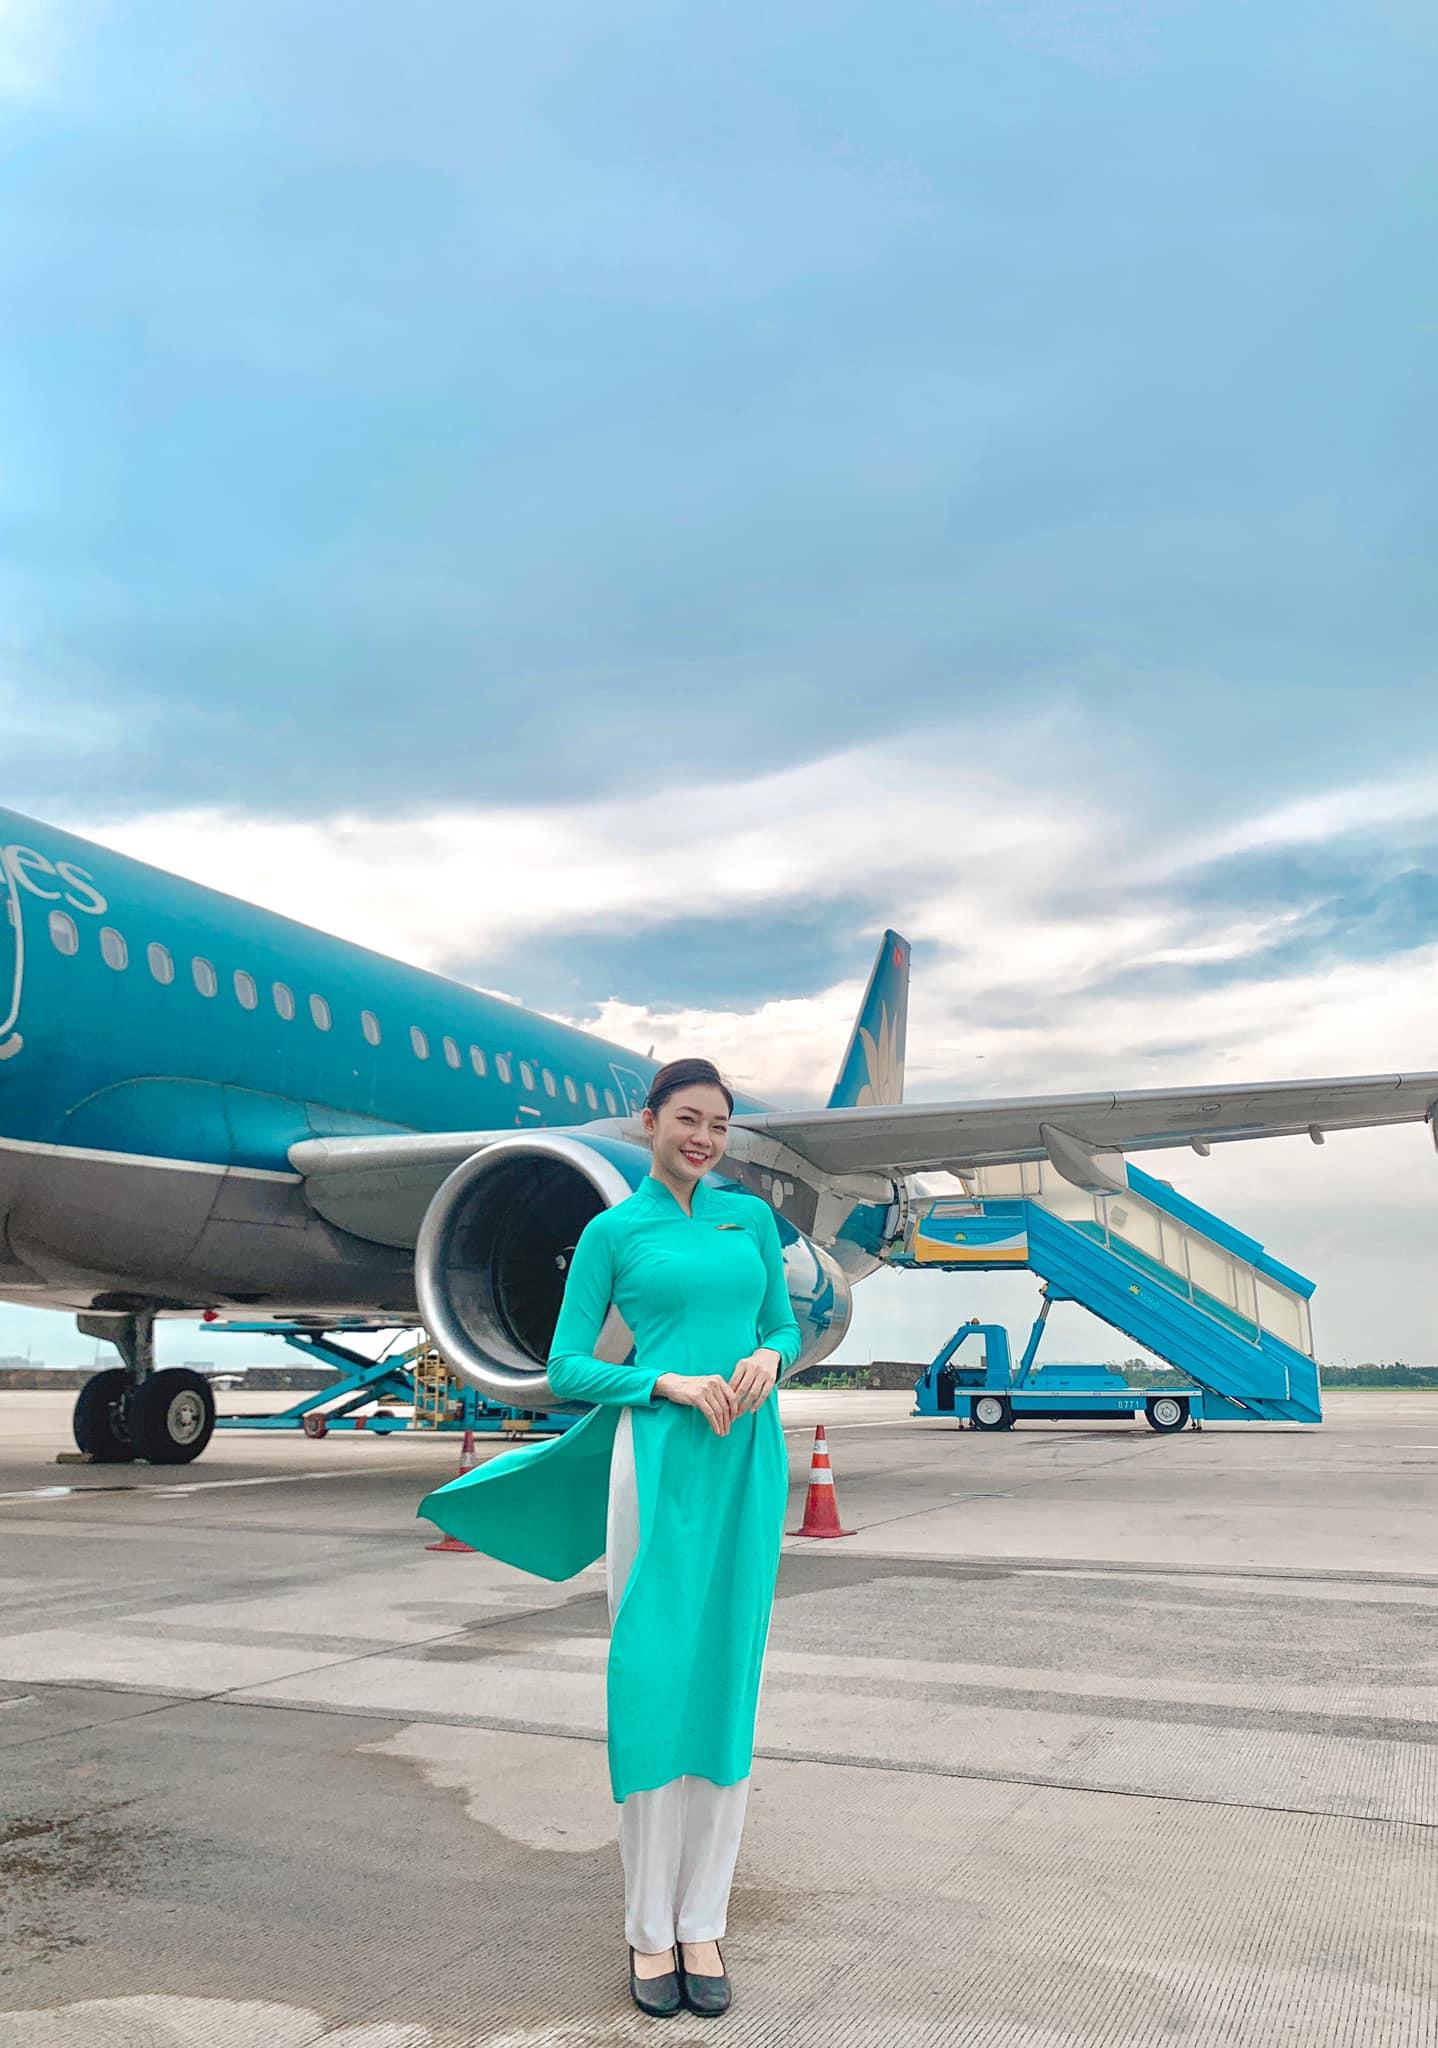 """Nữ tiếp viên hàng không khoang thương gia giữ dáng nuột nhờ vũ điệu """"đánh trứng"""" - 1"""